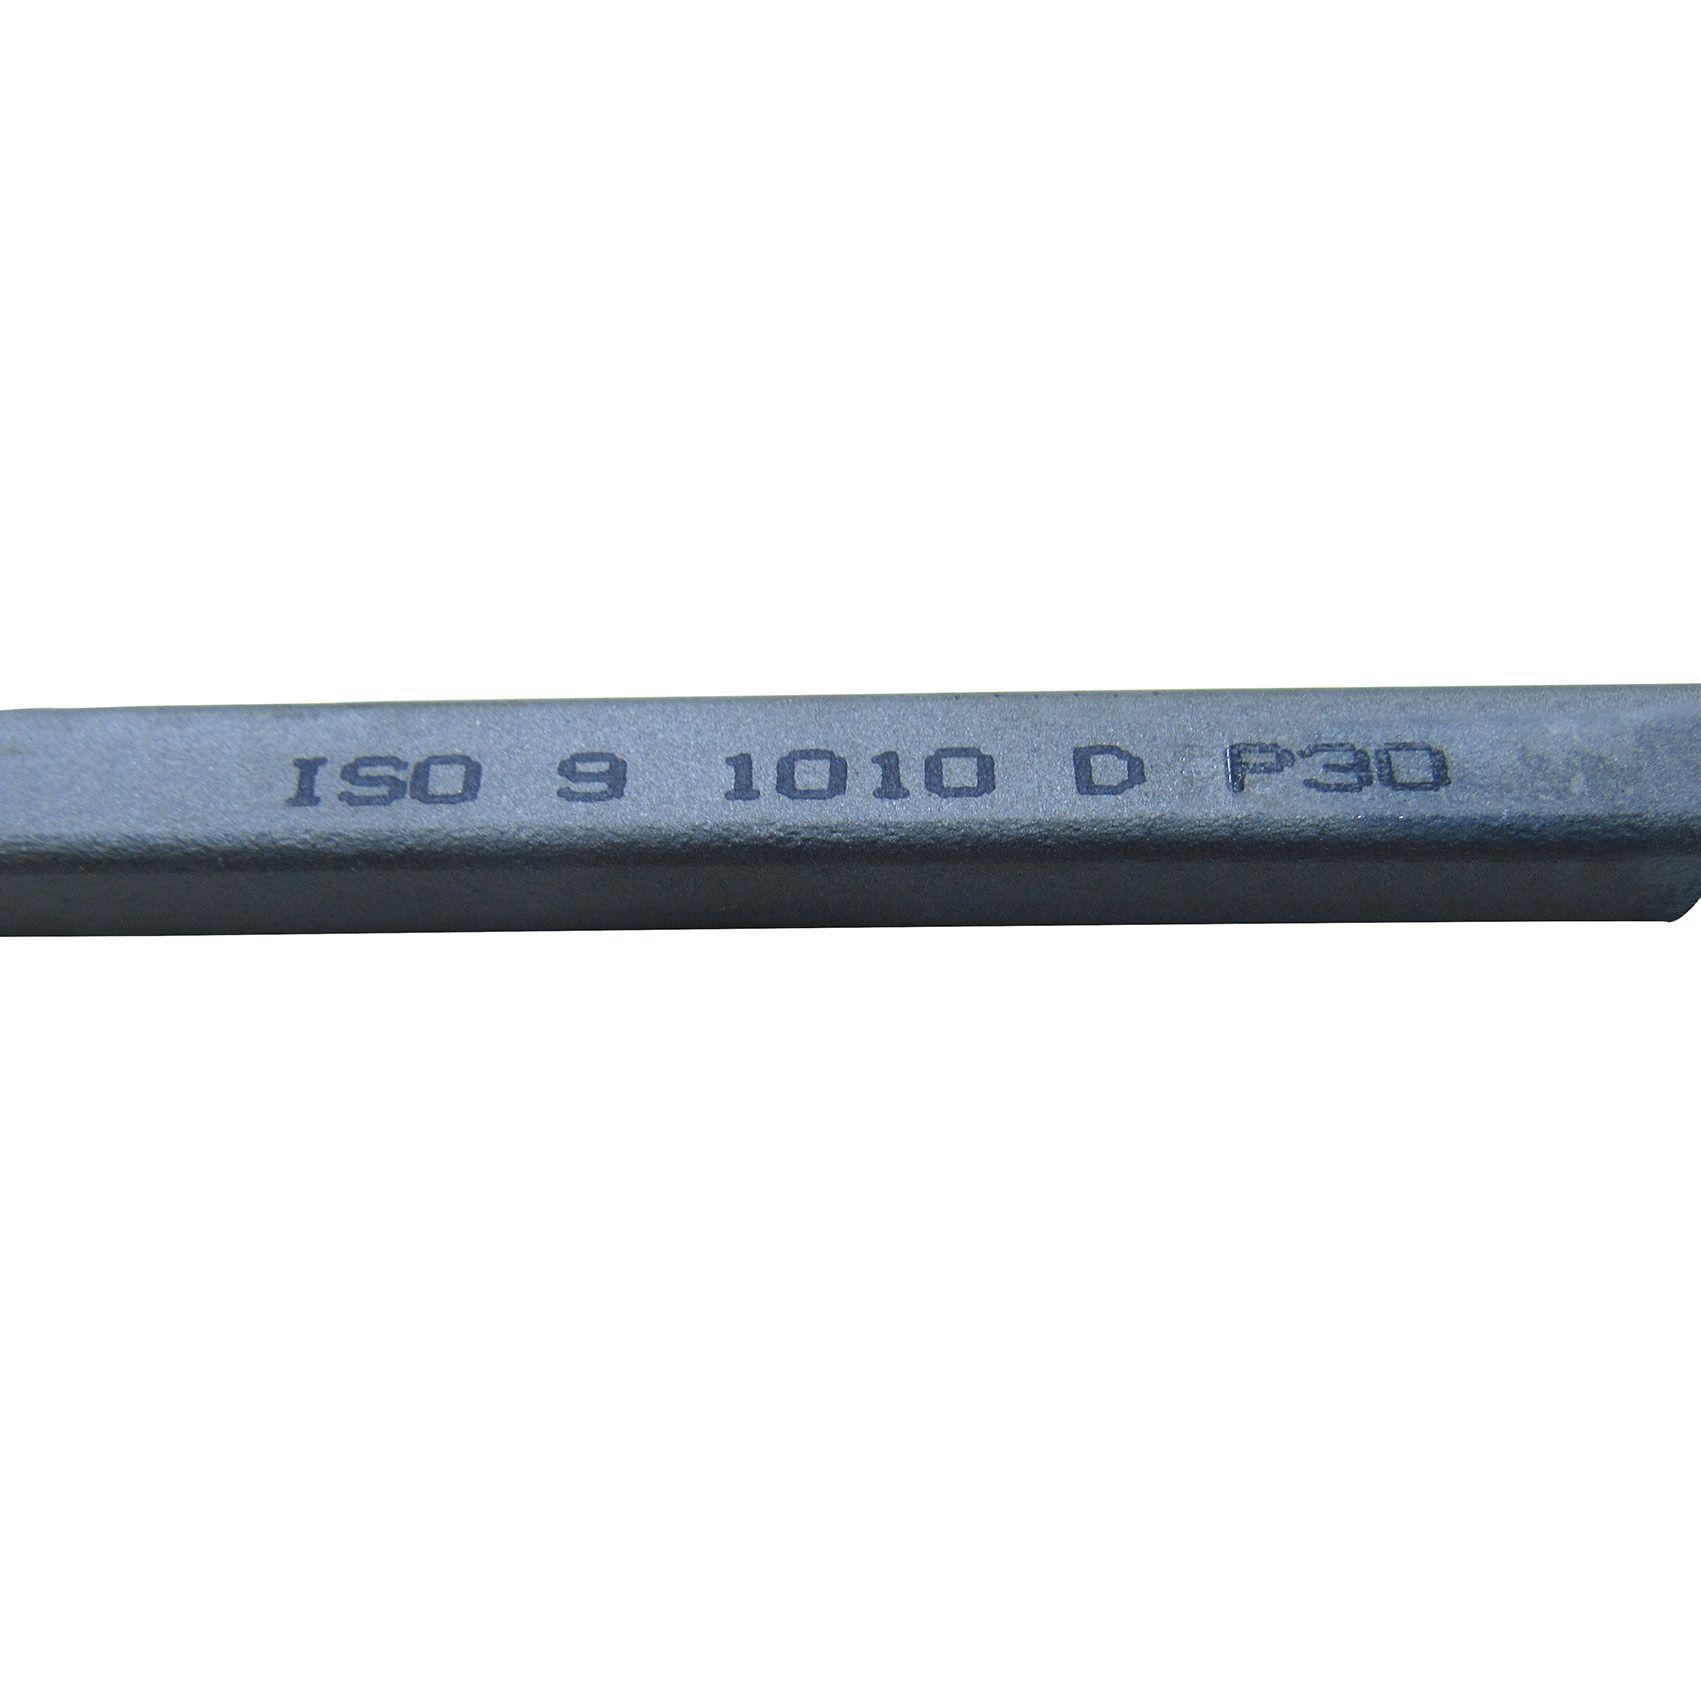 Ferramentas Soldadas Para Torno Iso 9 1010 D P30